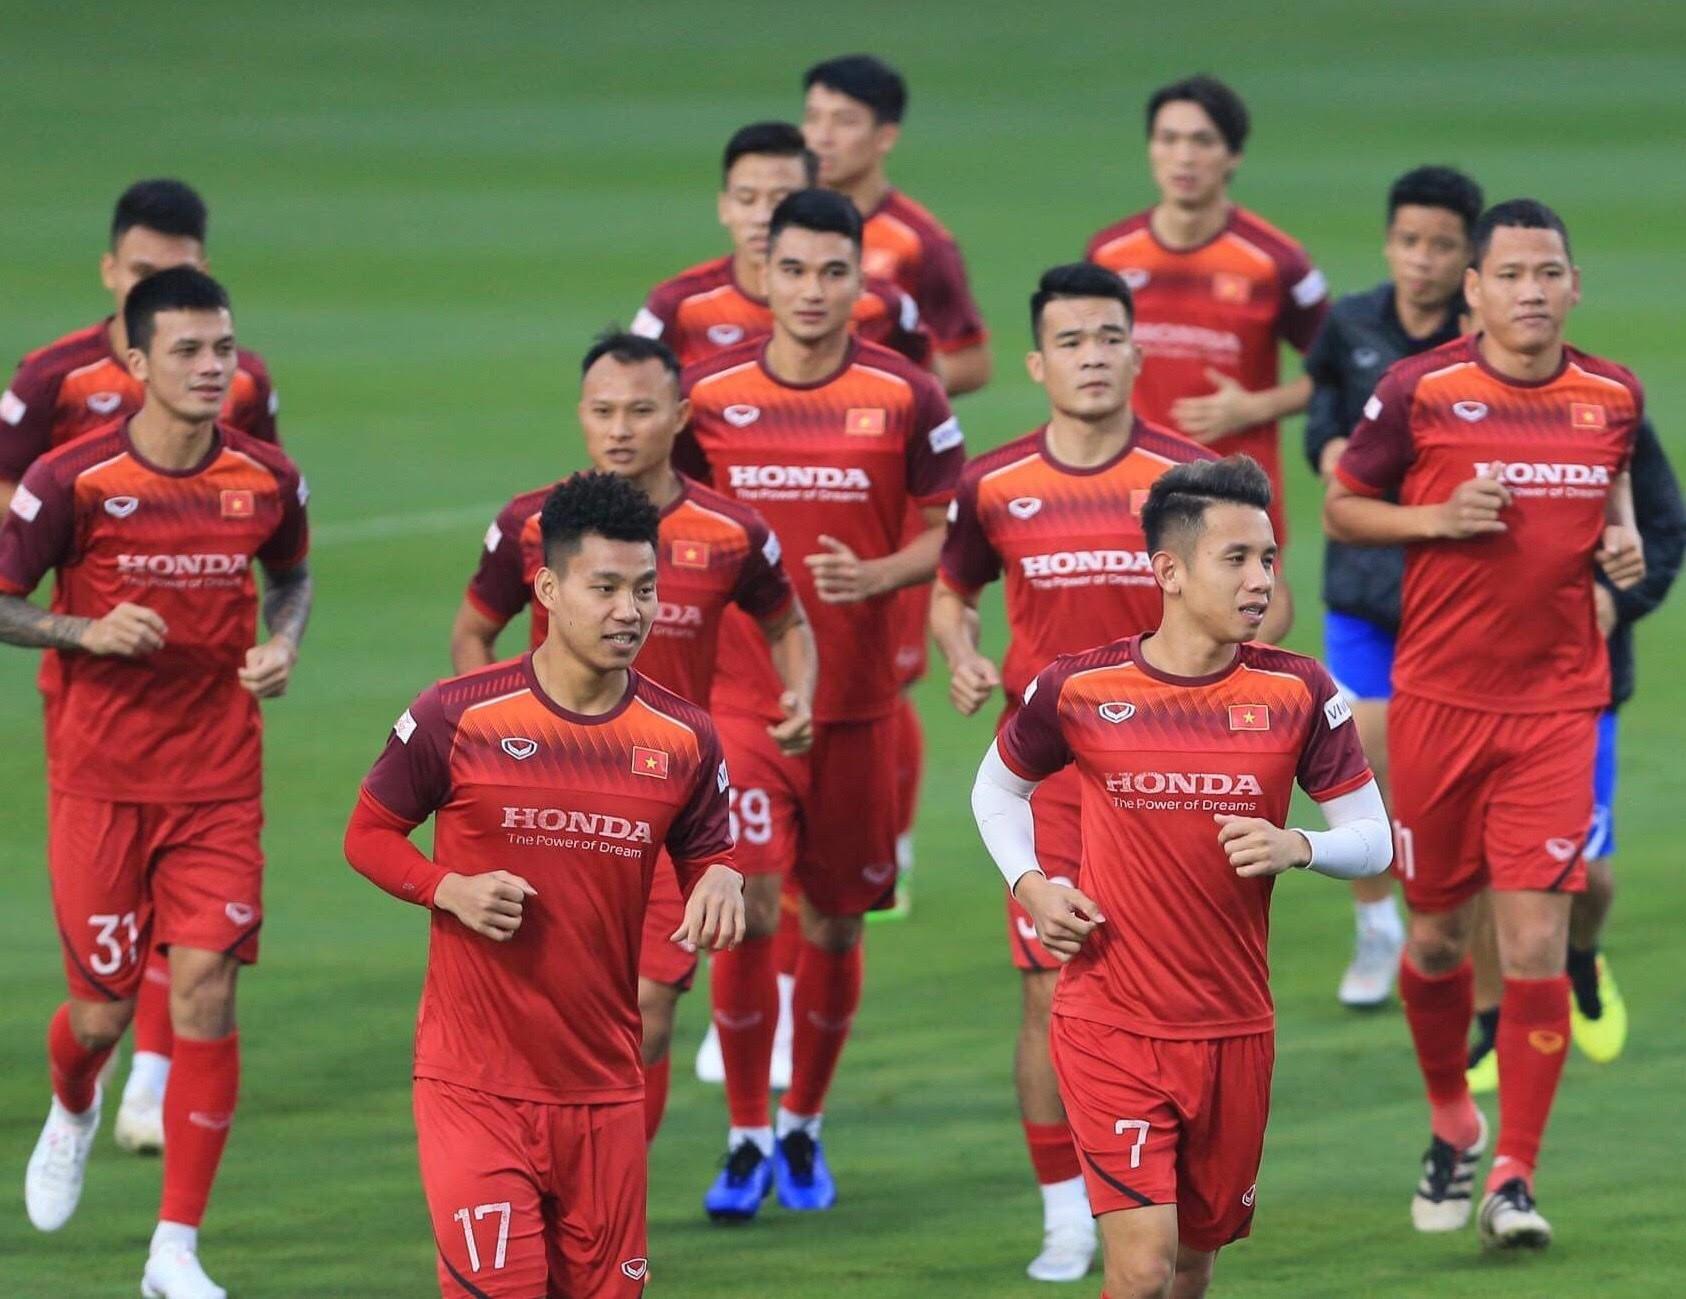 HLV Park tiếp tục bổ sung lực lượng cho ĐT Việt Nam tại vòng loại cuối cùng World Cup 2022